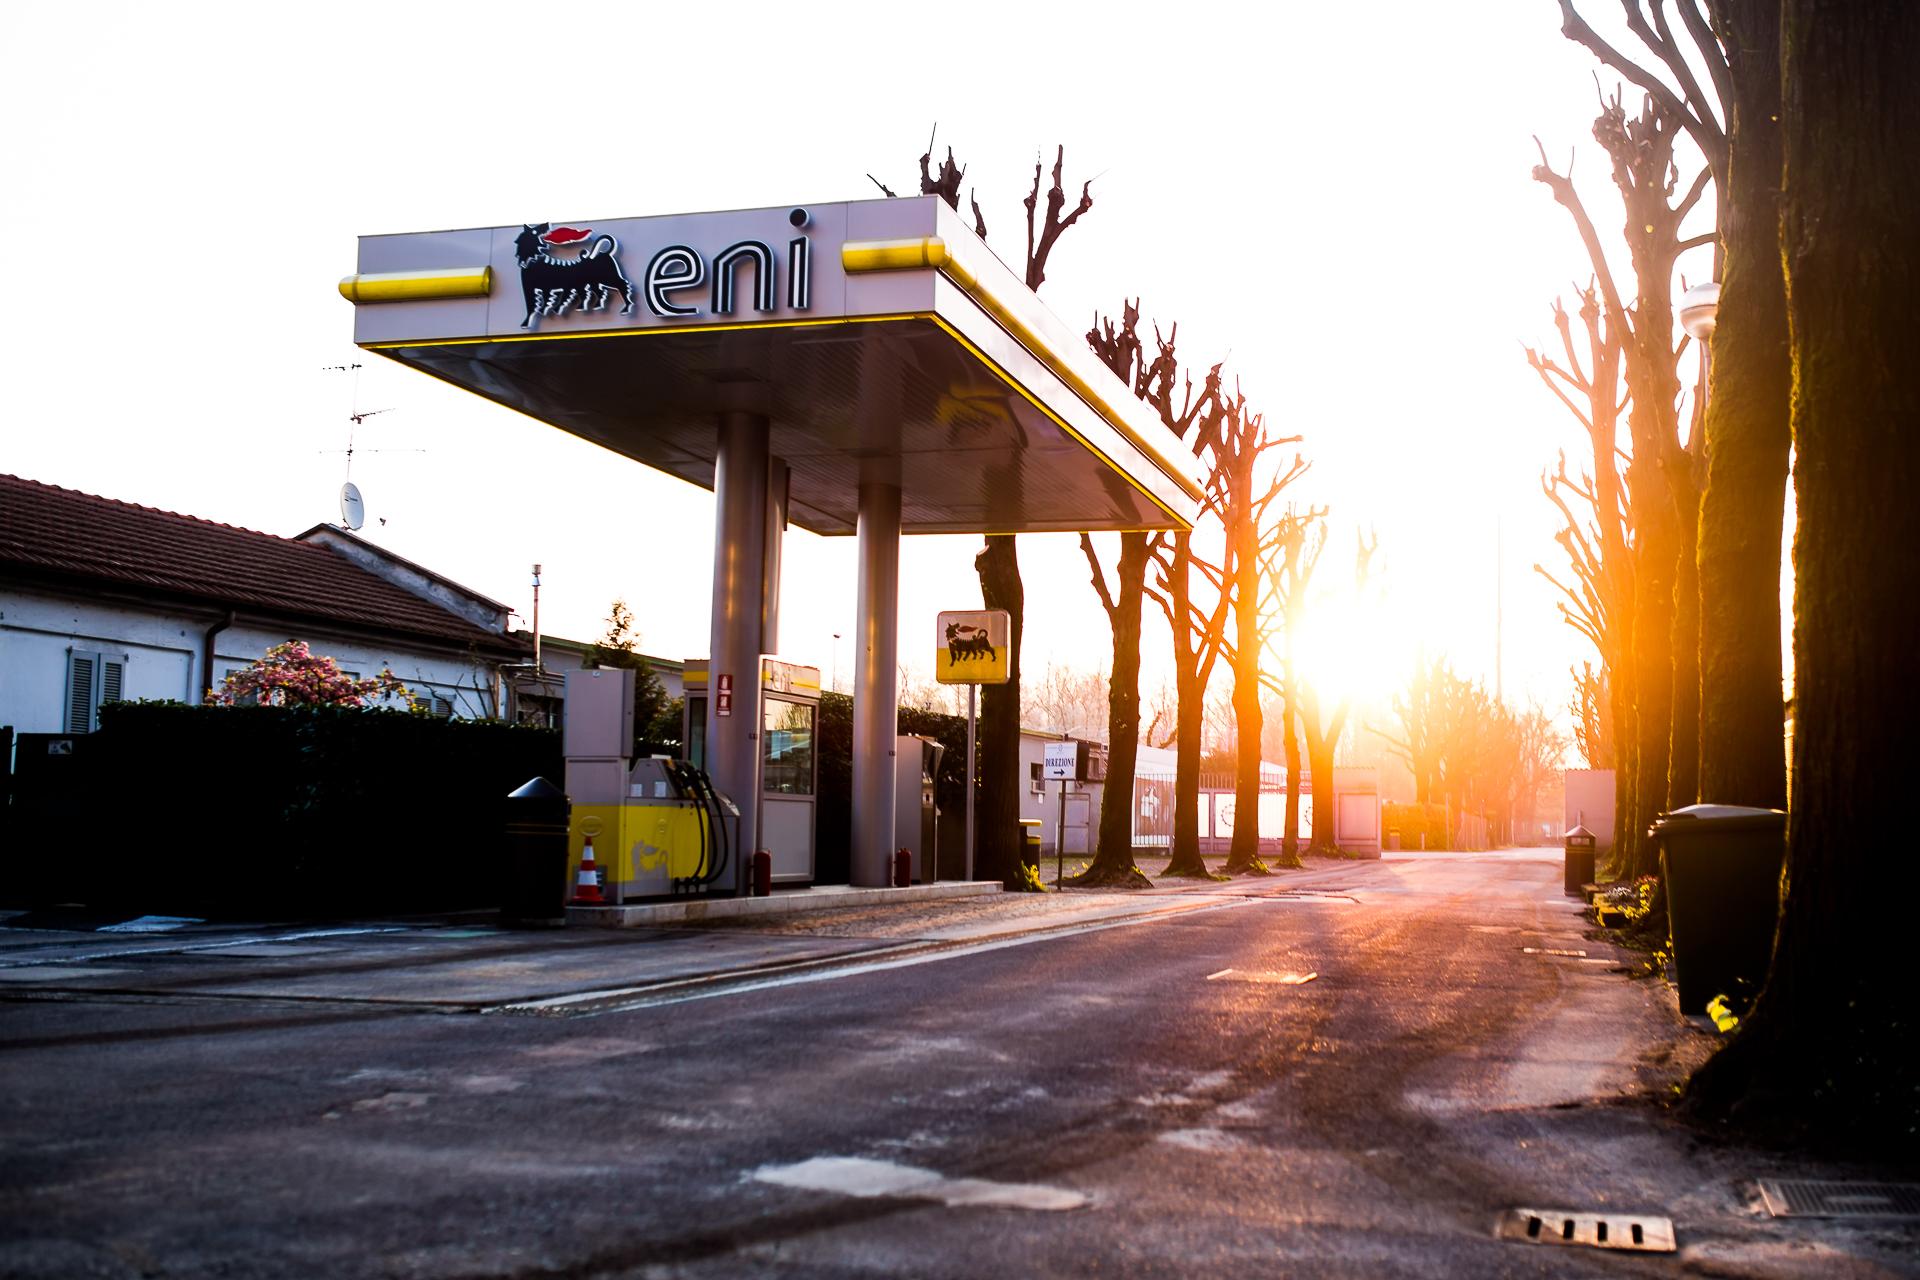 Old Gasstation // © marcellanger / www.adrenalmedia.com